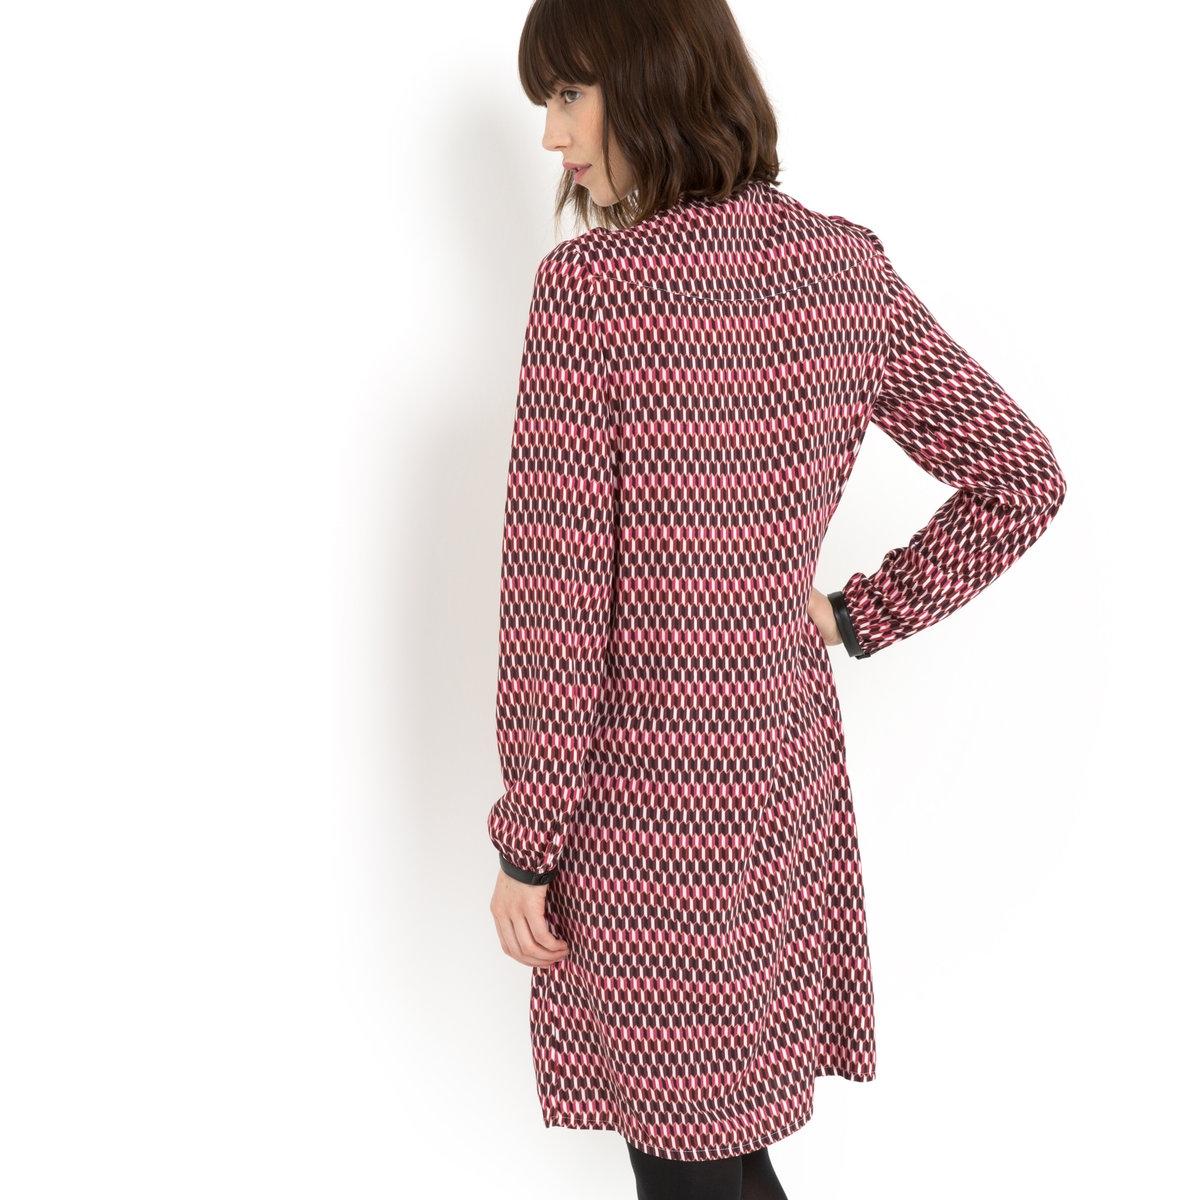 Платье из вискозыПлатье-рубашка MADEMOISELLE R. Графический принт на розовом фоне. Длинные рукава. Маленький воротник, манжеты из искусственной кожи с застежкой на пуговицы. Супатная застежка на пуговицы спереди по всей длине.Платье из 100% вискозы.<br><br>Цвет: набивной рисунок